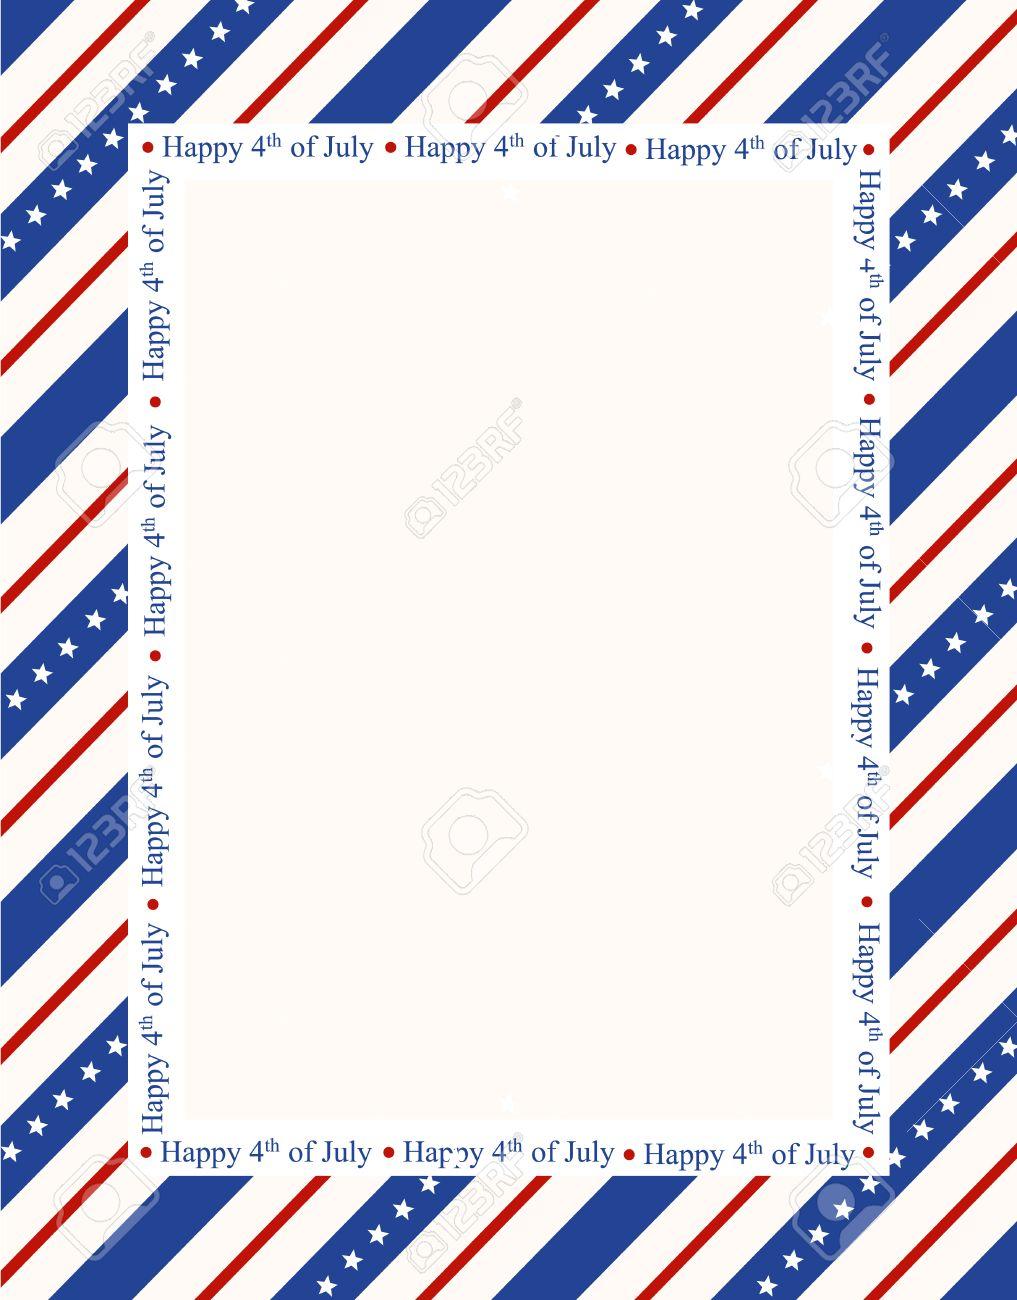 Diseño Del Marco Barras Y Estrellas Patrióticas Página Frontera Azul ...